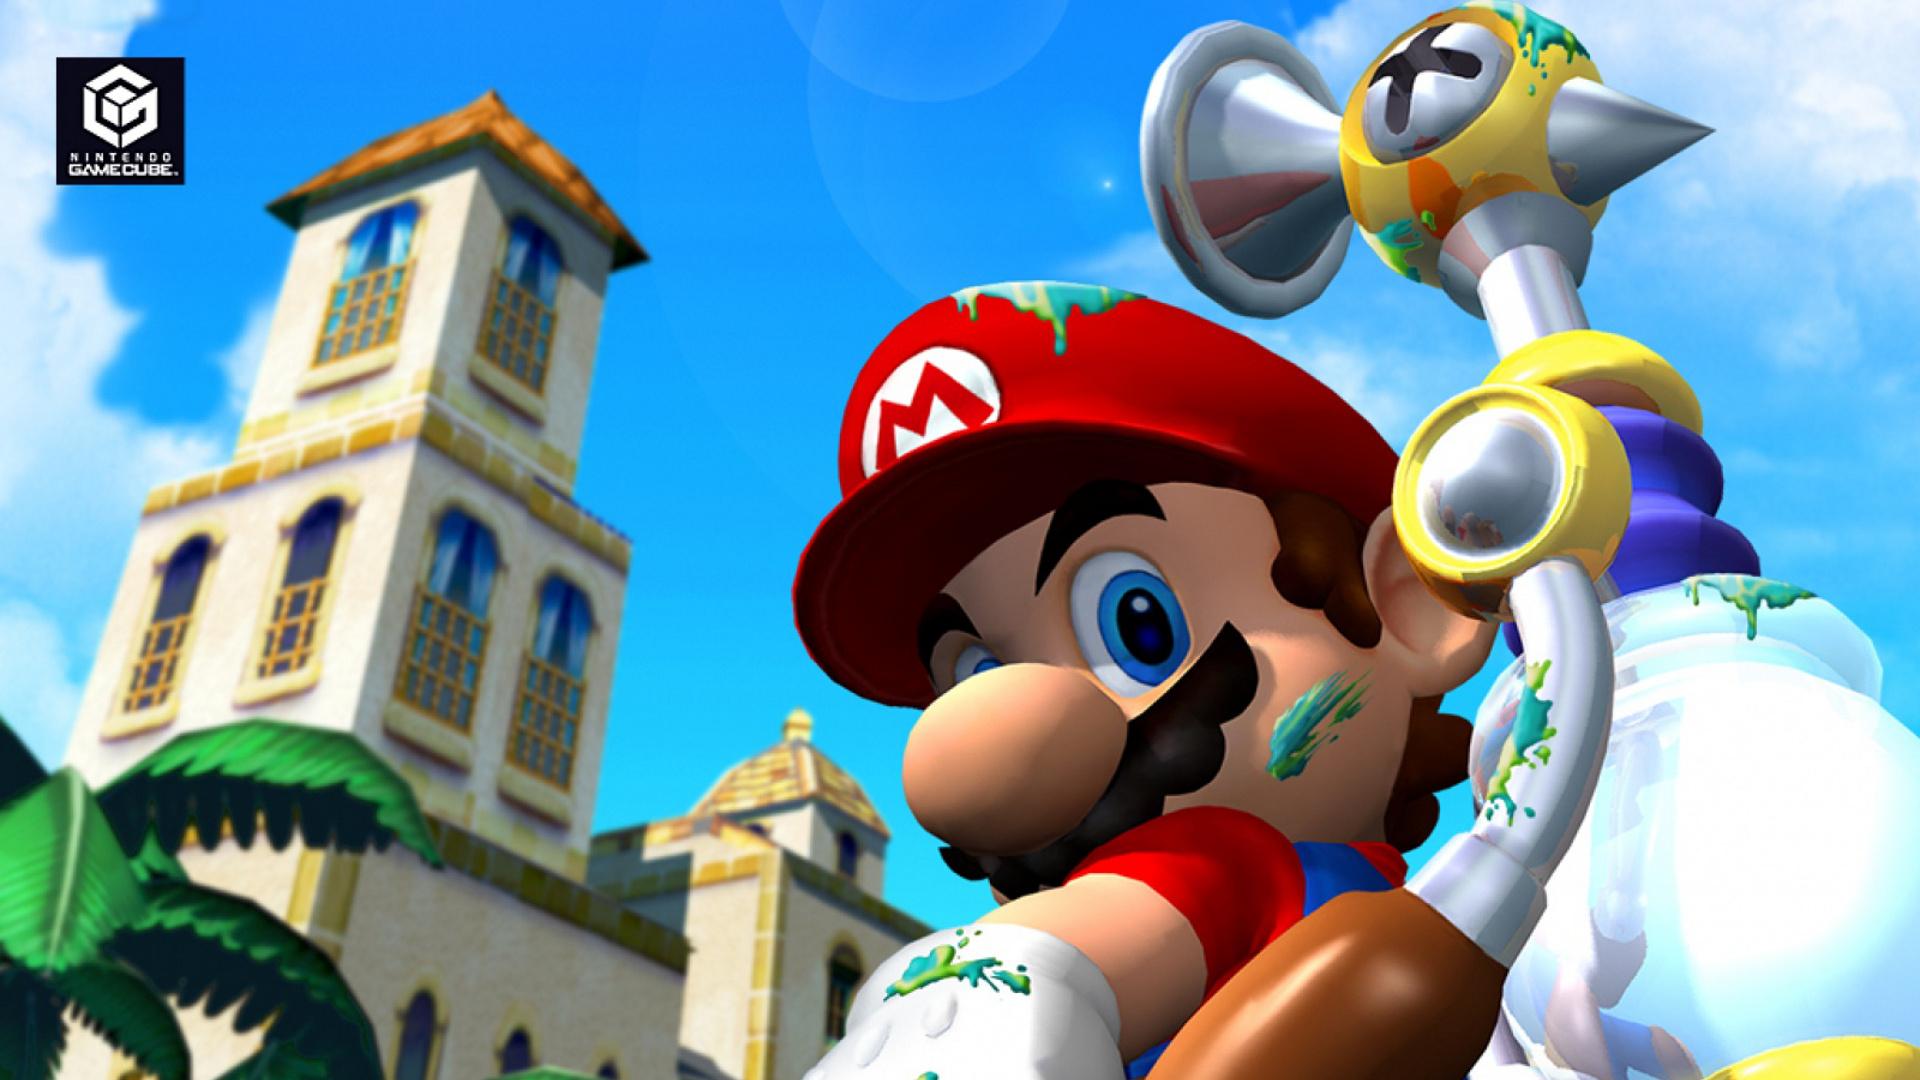 Super Mario Sunshine HD Wallpaper   Hintergrund   1920x1080 ...